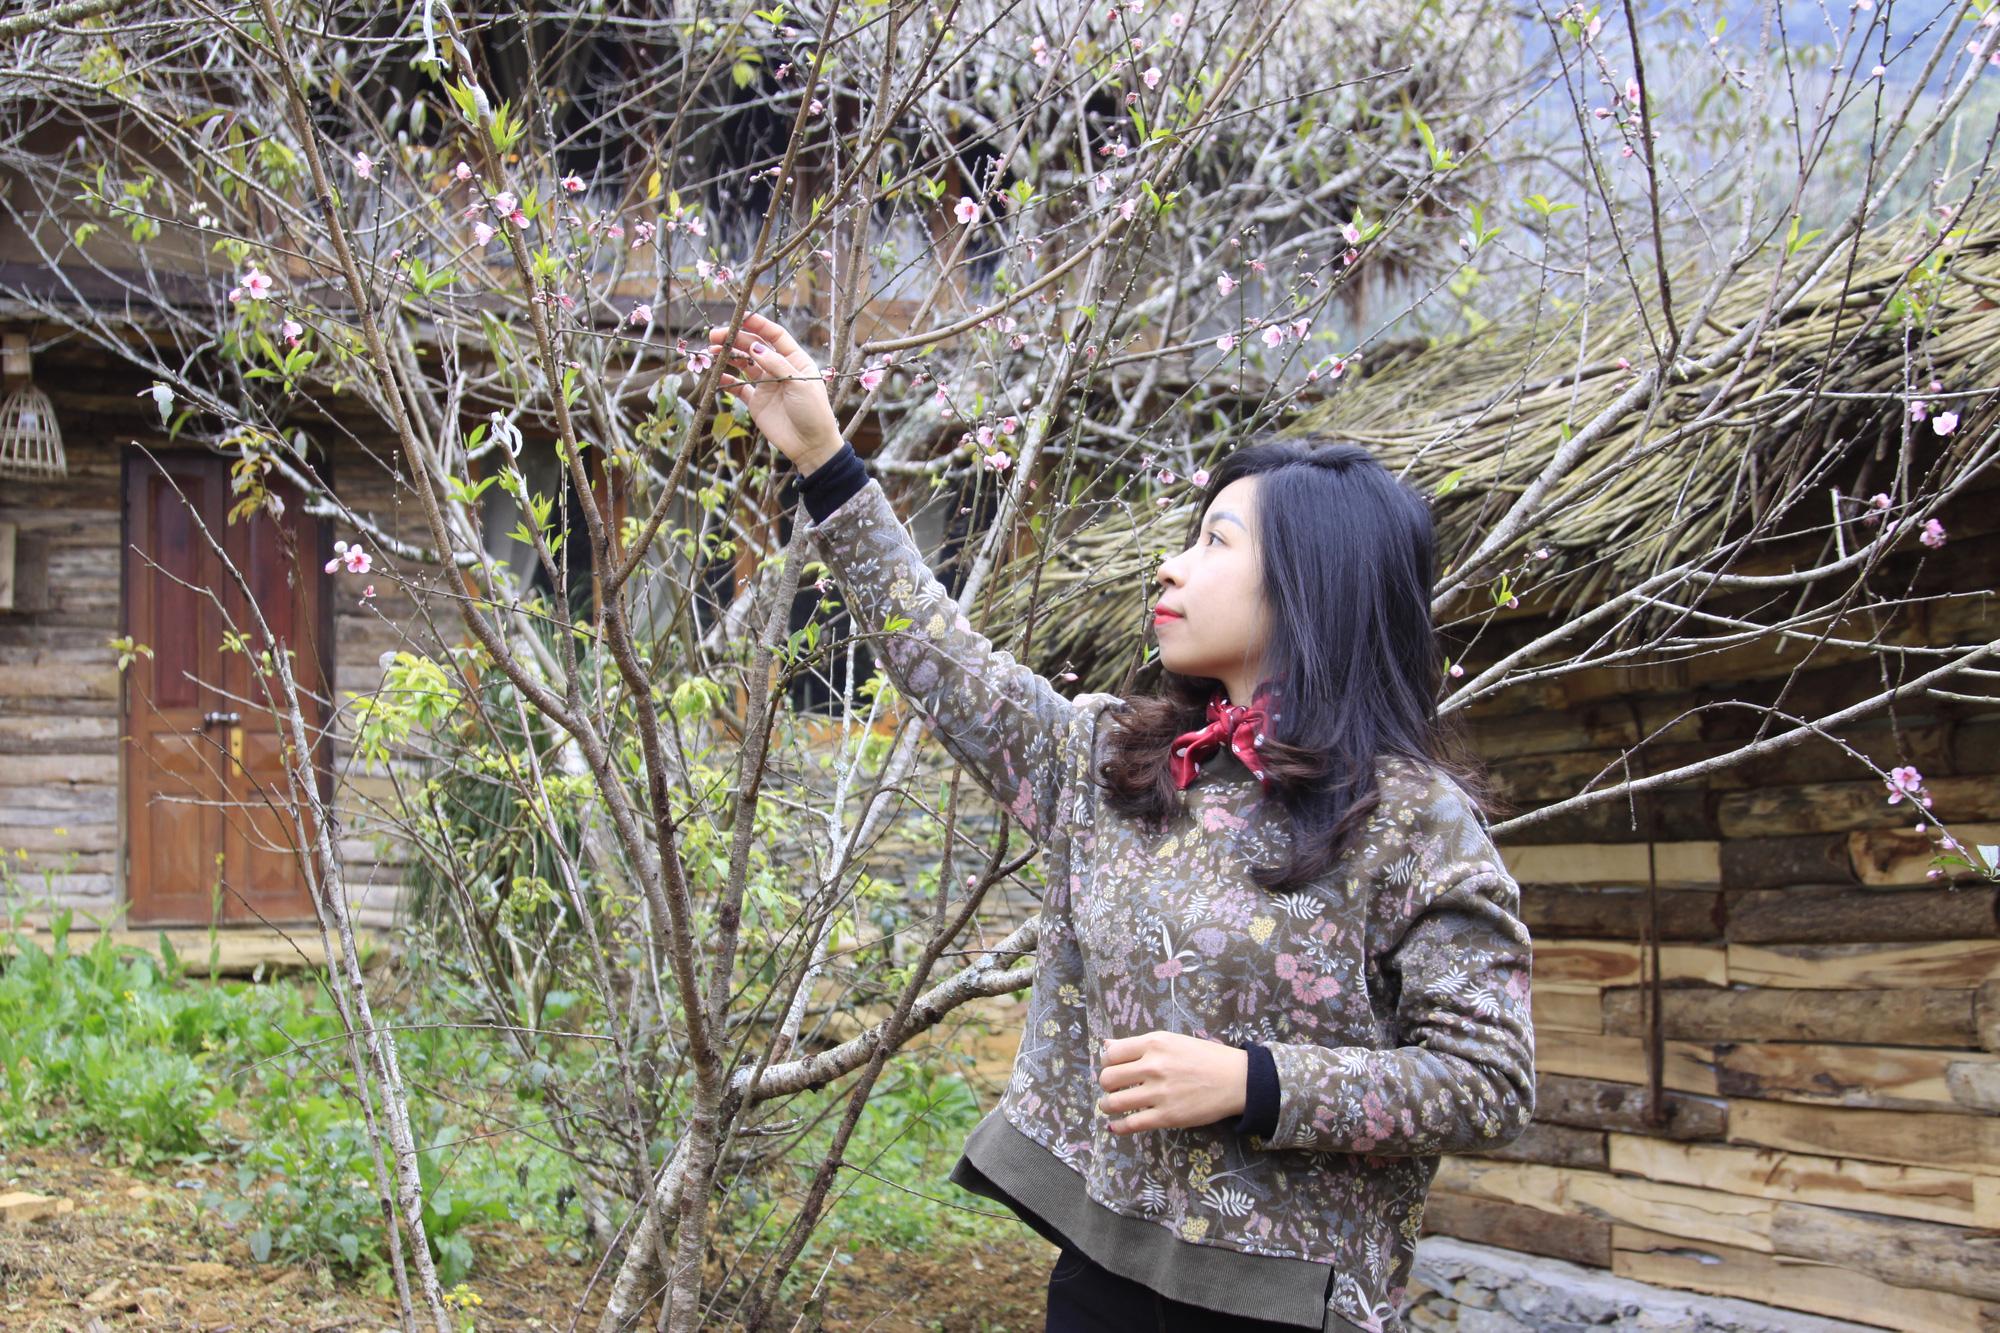 Sơn La: Sợ dân khó tiêu thụ đào rừng nhà trồng, Vân Hồ tung 11.000 tem truy xuất đào, phát miễn phí - Ảnh 2.